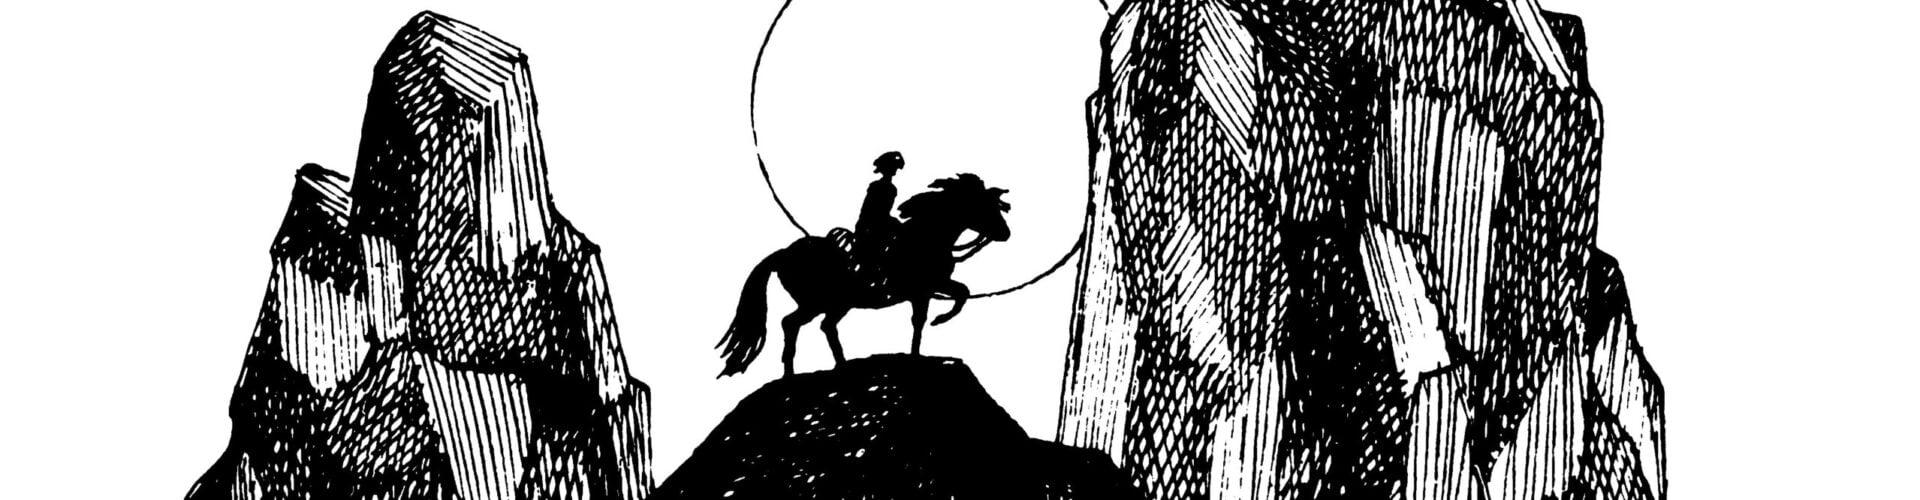 De gebroeders Leeuwenhart_Luxe editie_Astrid Lindgren